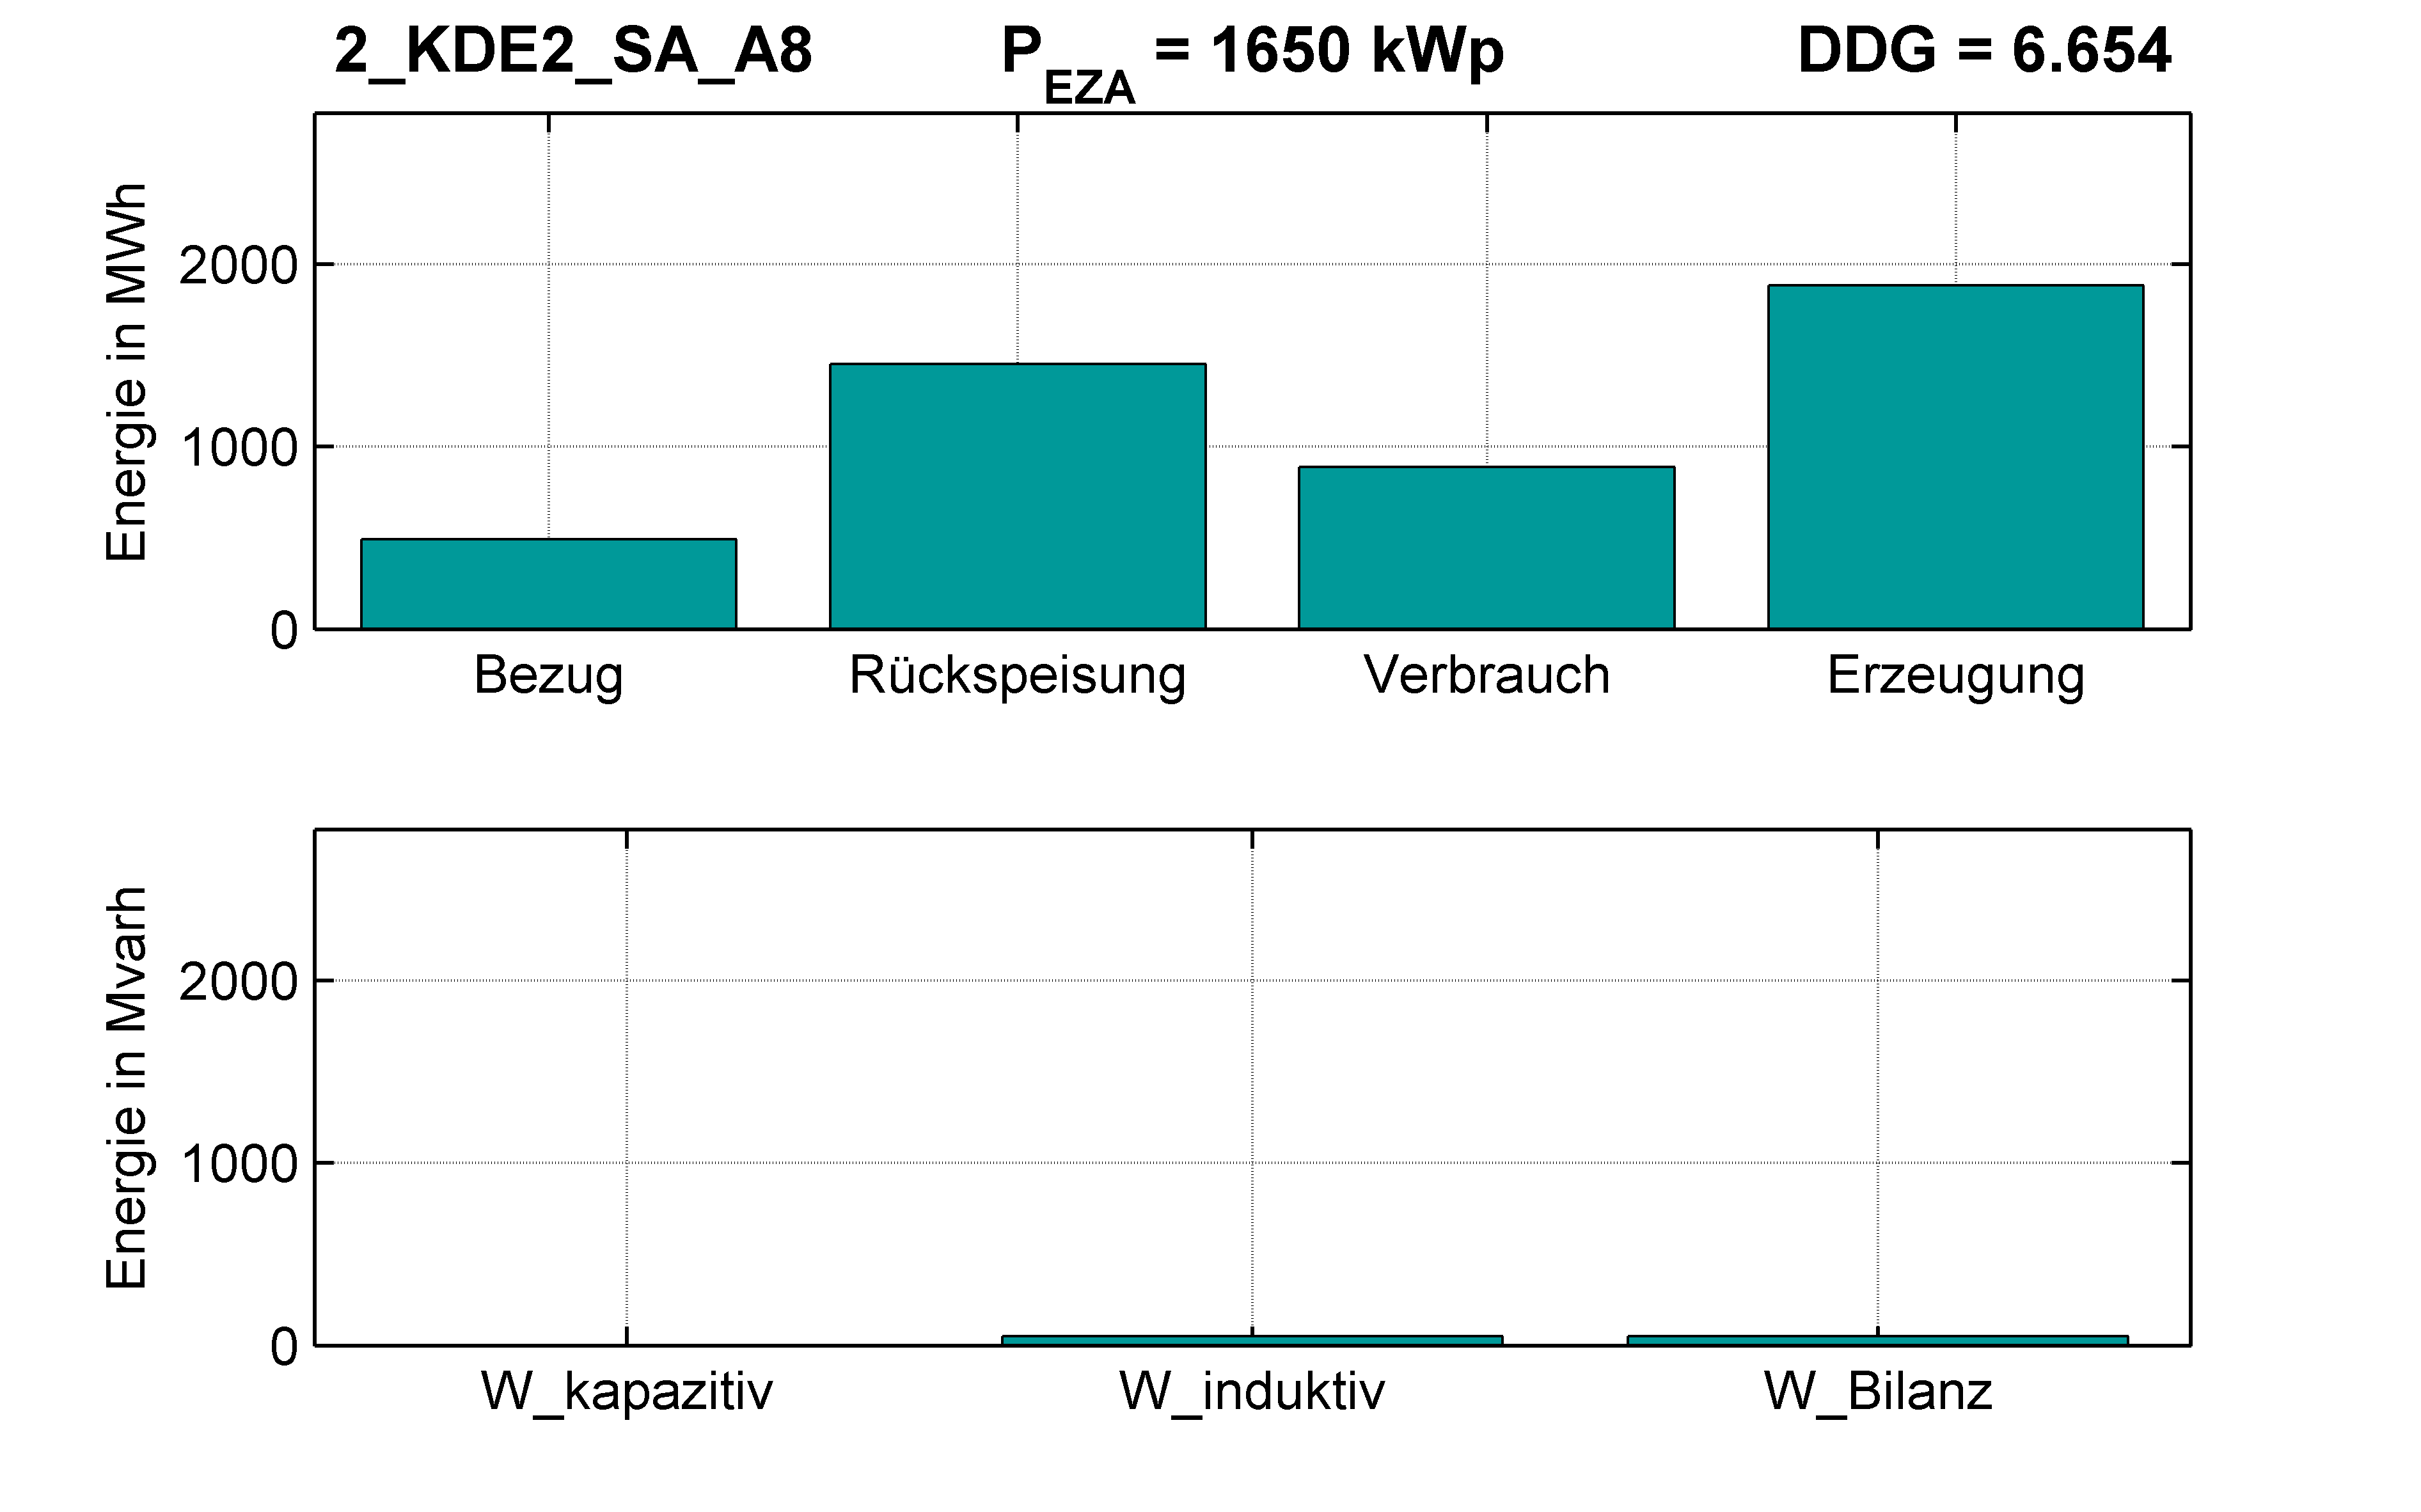 KDE2 | P-Kappung 85% (SA) A8 | PQ-Bilanz